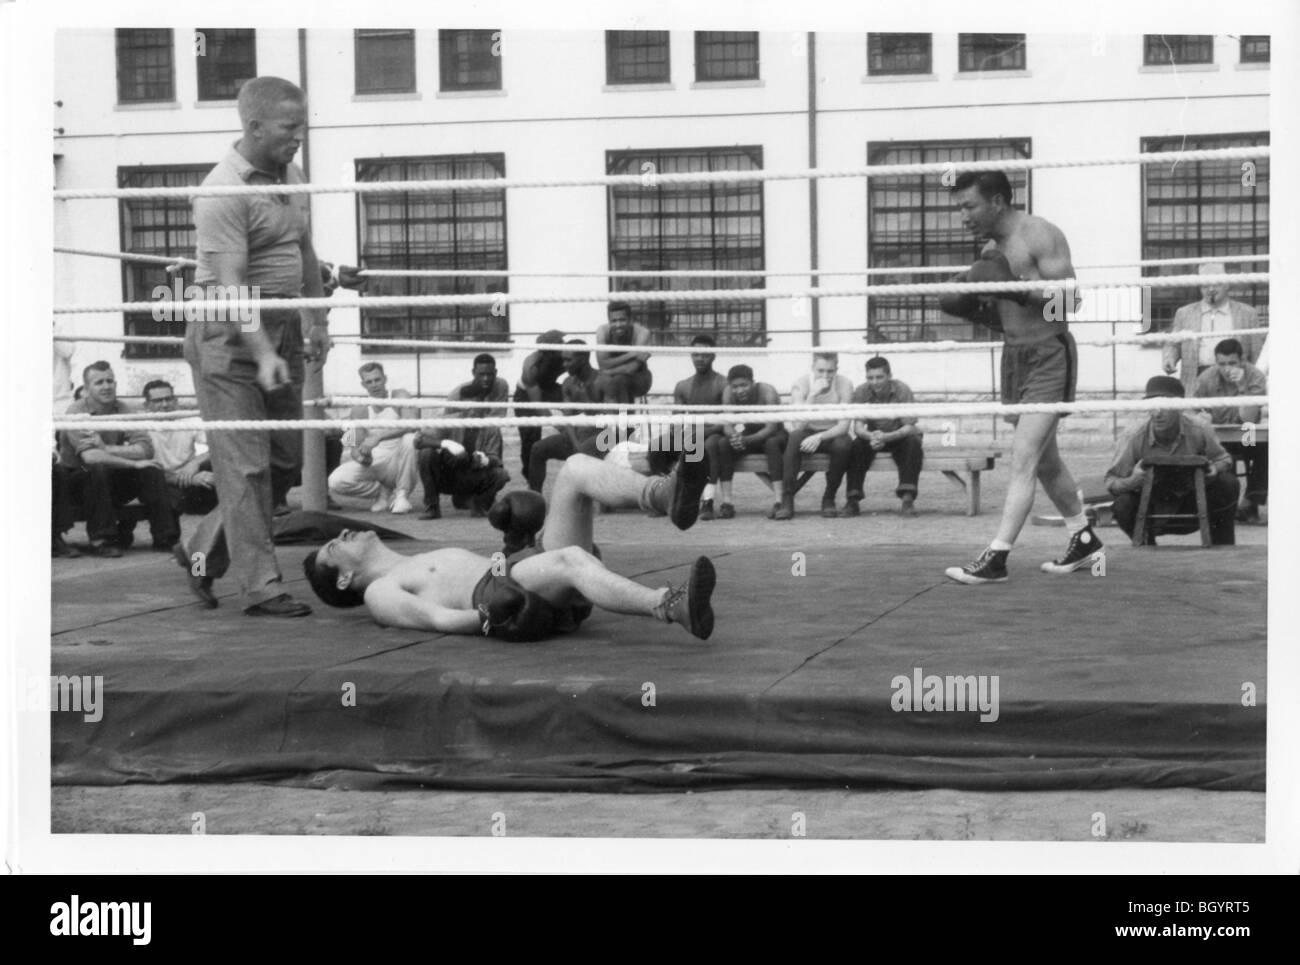 Boxring auf Hof im inneren Gefängnis. Freizeitspielen. Ca. 1940-1950. Lincoln, Nebraska, USA. Stockbild